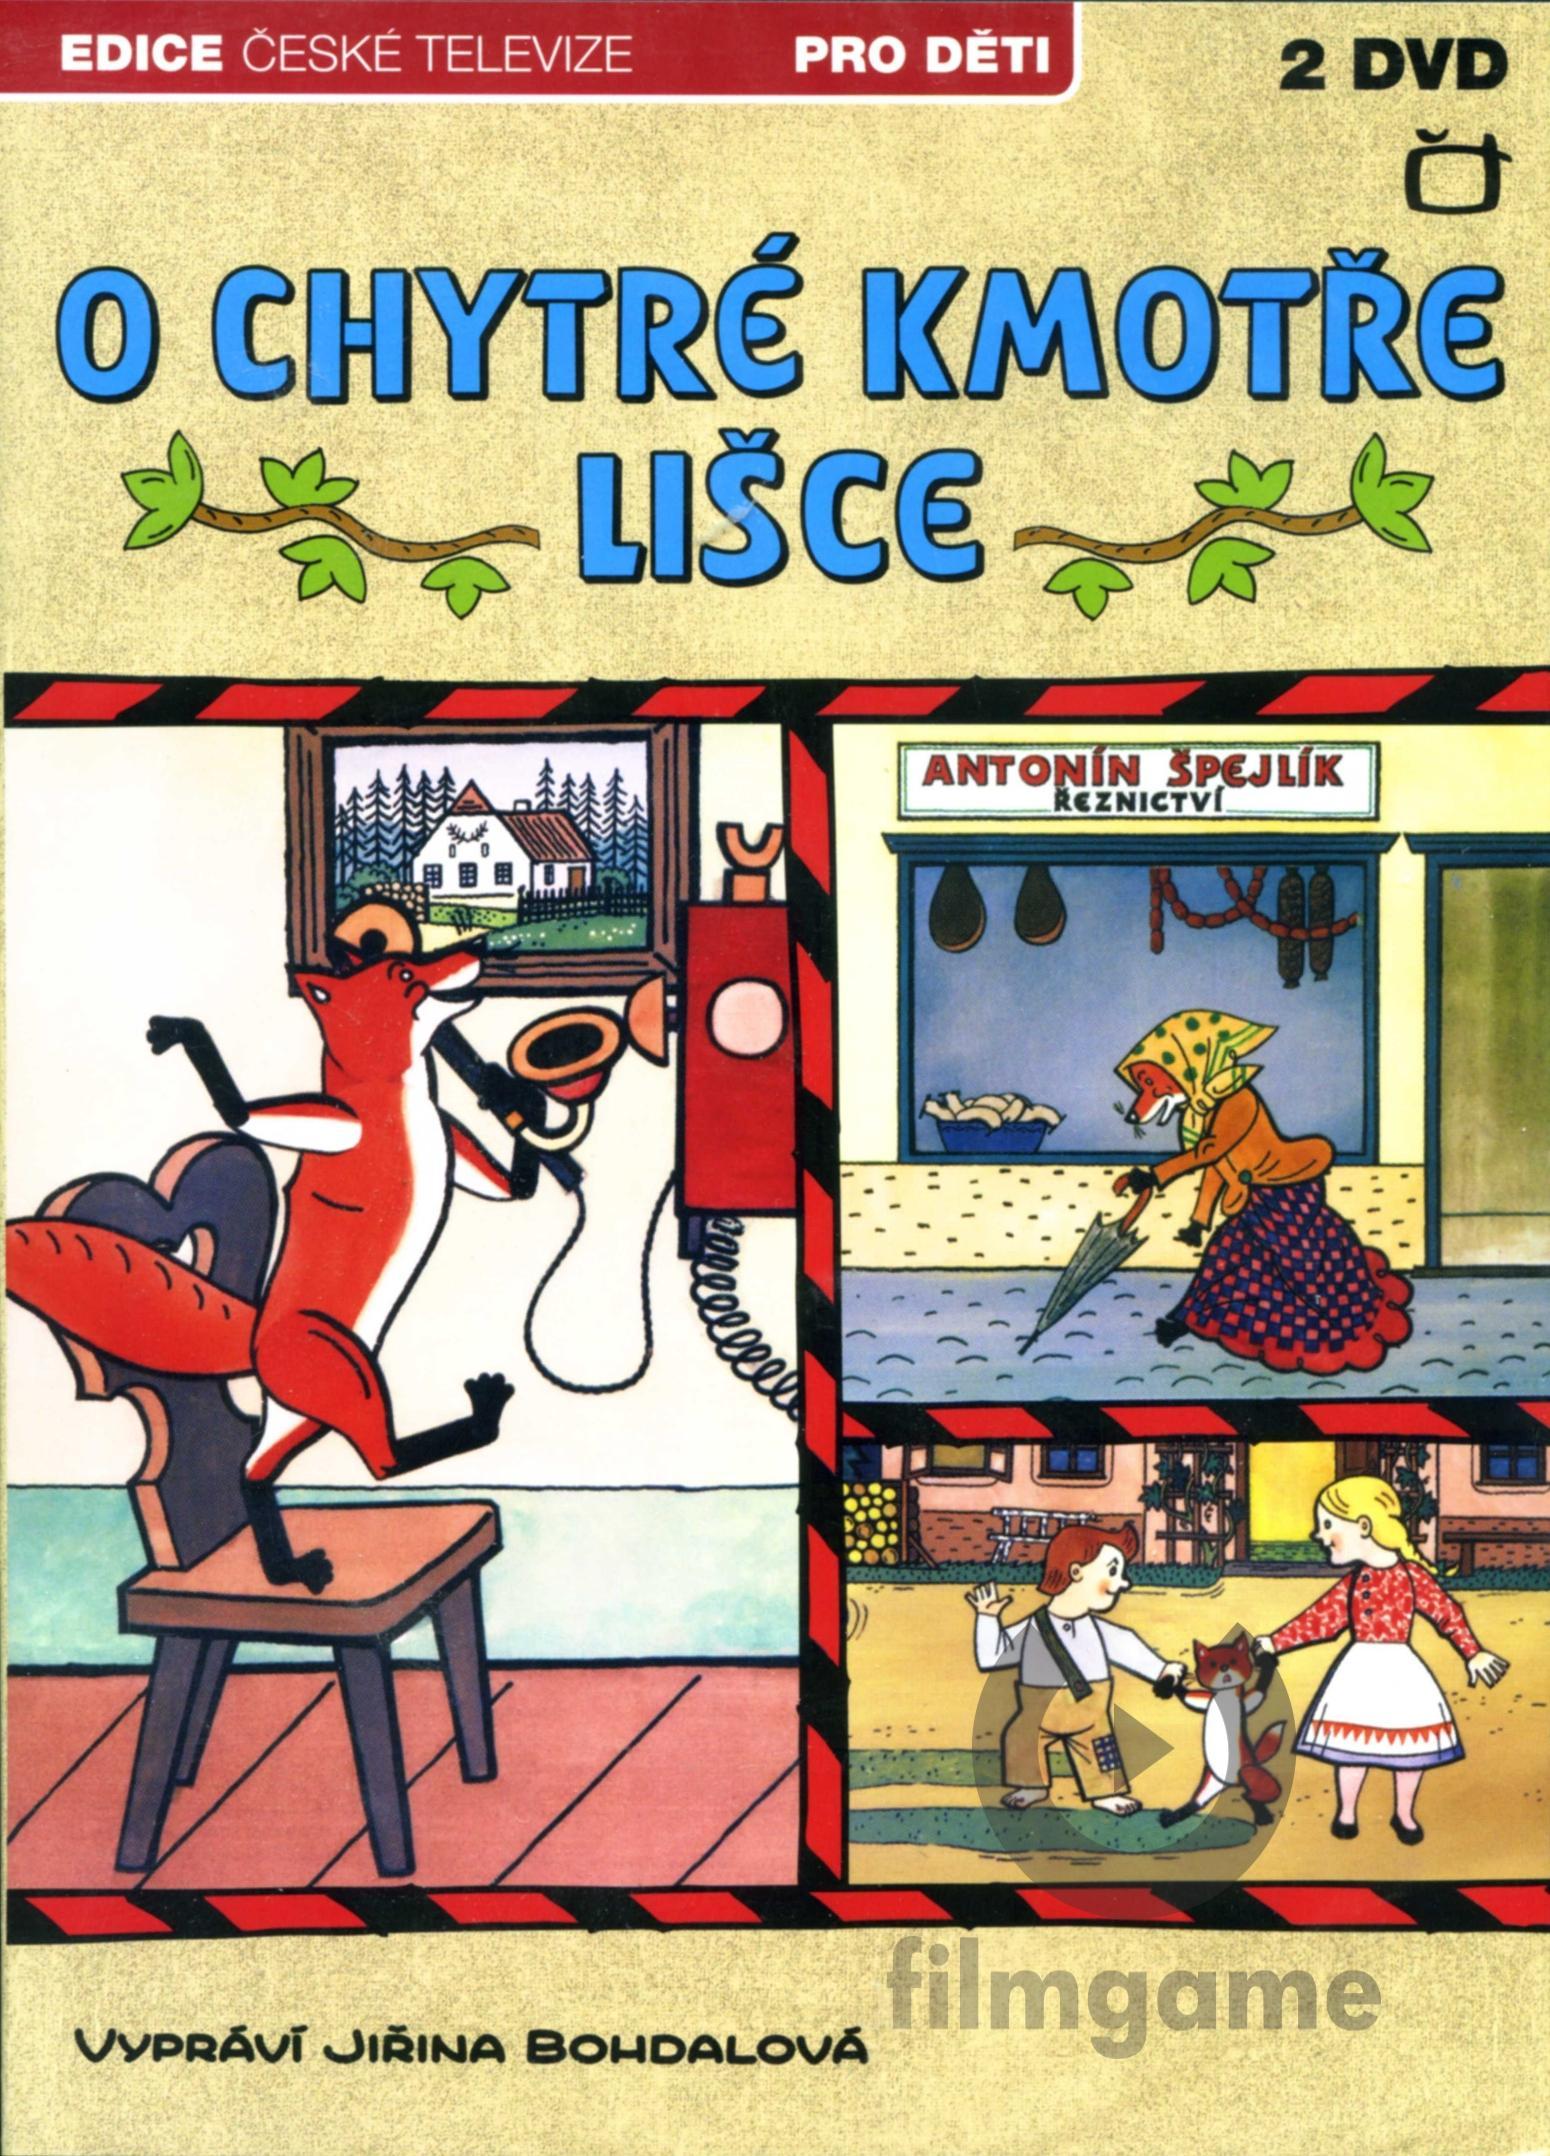 O CHYTRÉ KMOTŘE LIŠCE - DVD (2 DVD)